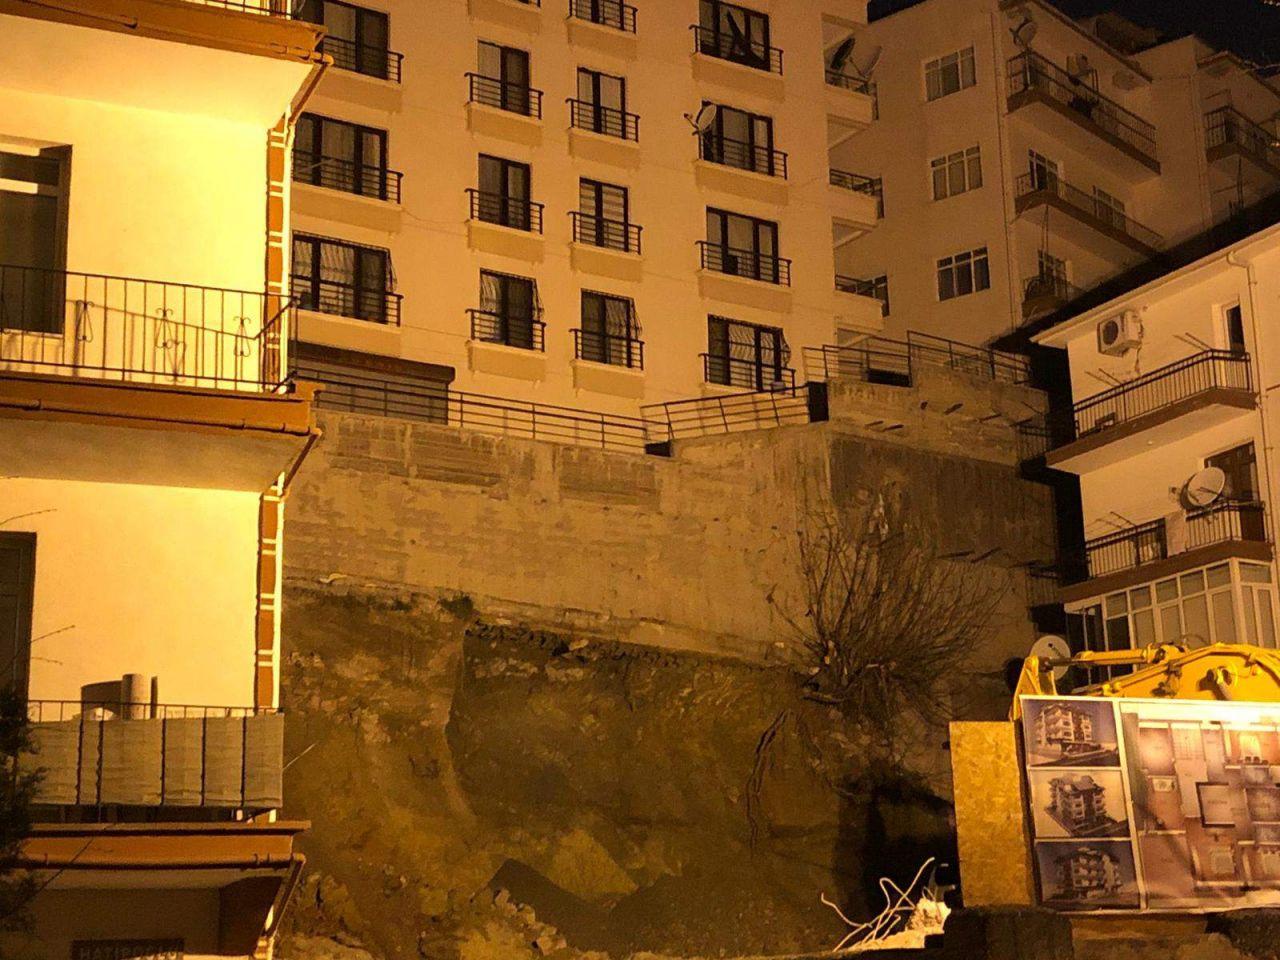 Ankara'da kabus gecesi! 21 bina boşaltıldı; geceyi sokakta geçirdiler! - Resim: 3